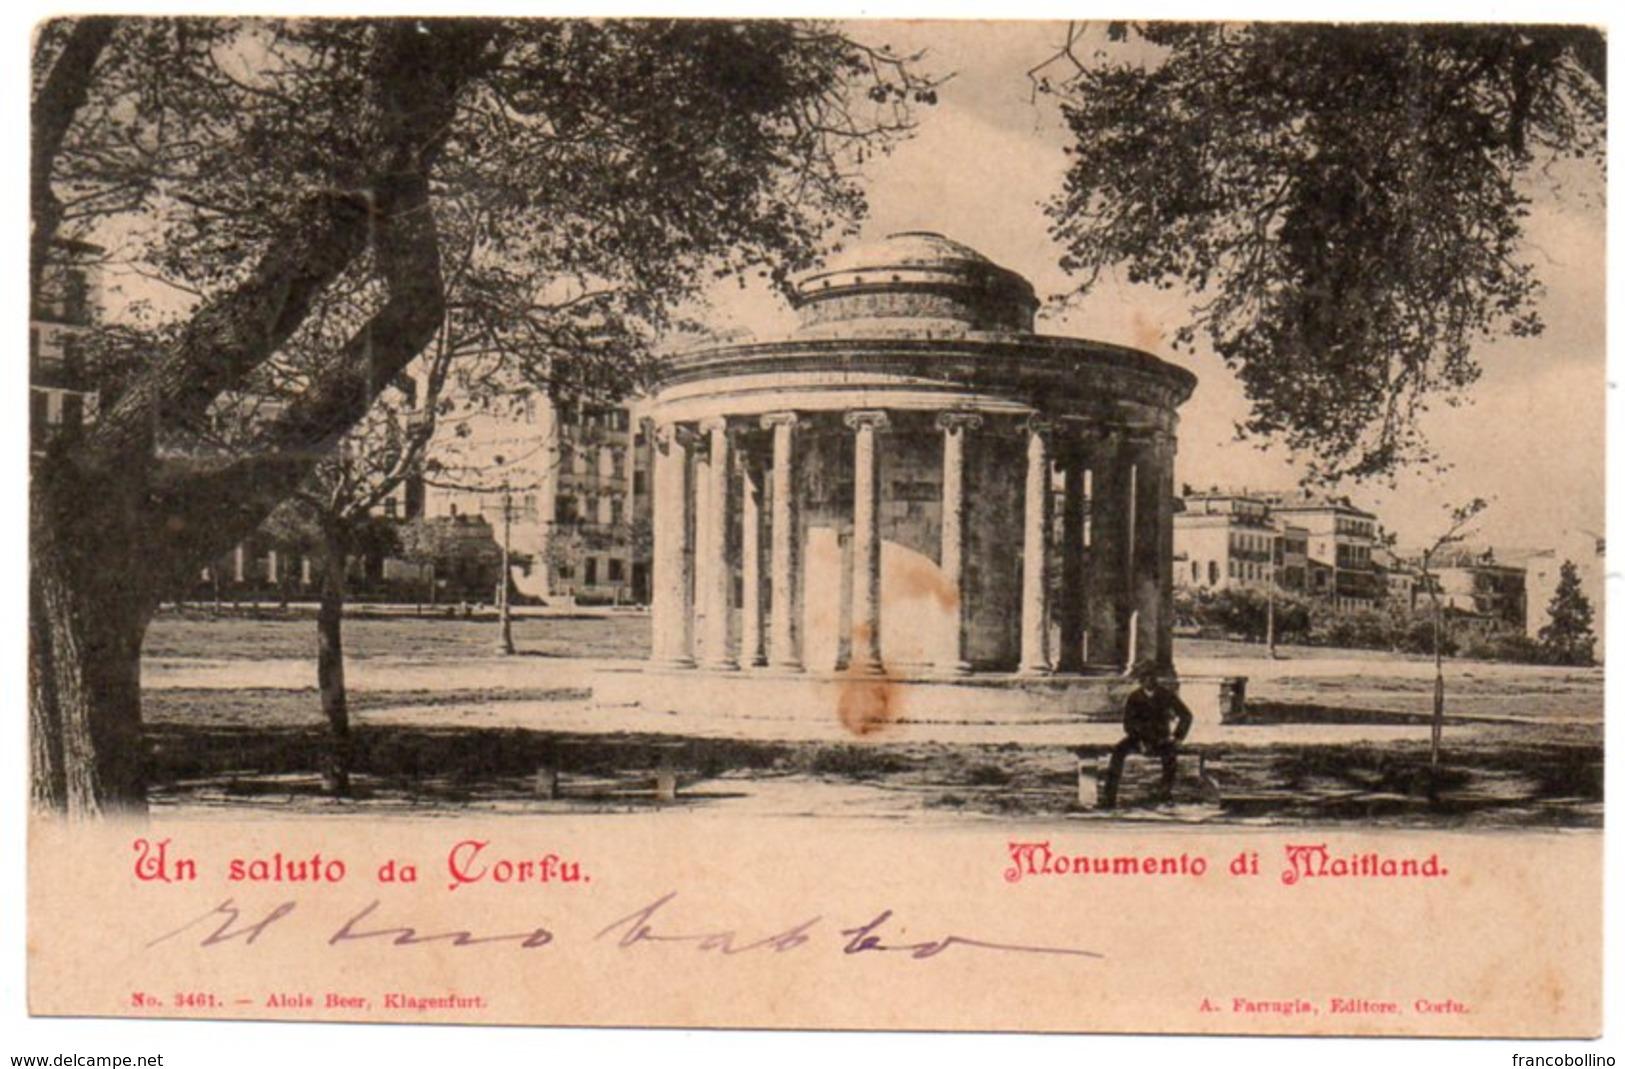 GRECIA/GRECE/GREECE - UN SALUTO DA CORFU/CORFOU - MONUMENTO DI MAITLAND - Grecia